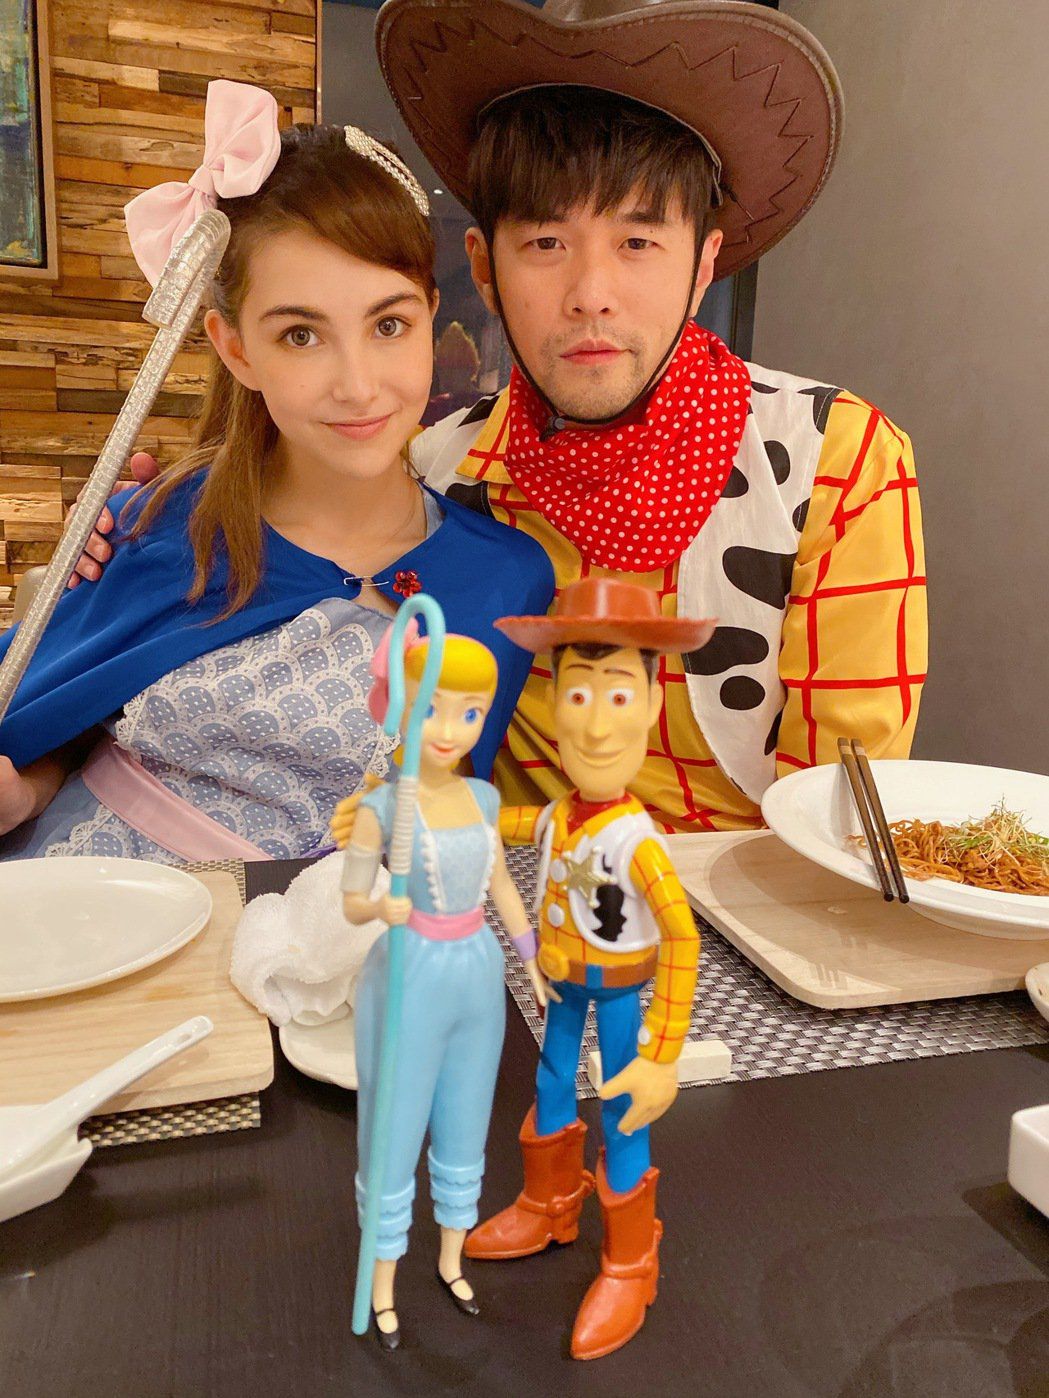 周杰倫與老婆昆凌扮成「玩具總動員」中的情侶檔,根本神複製。圖/摘自IG